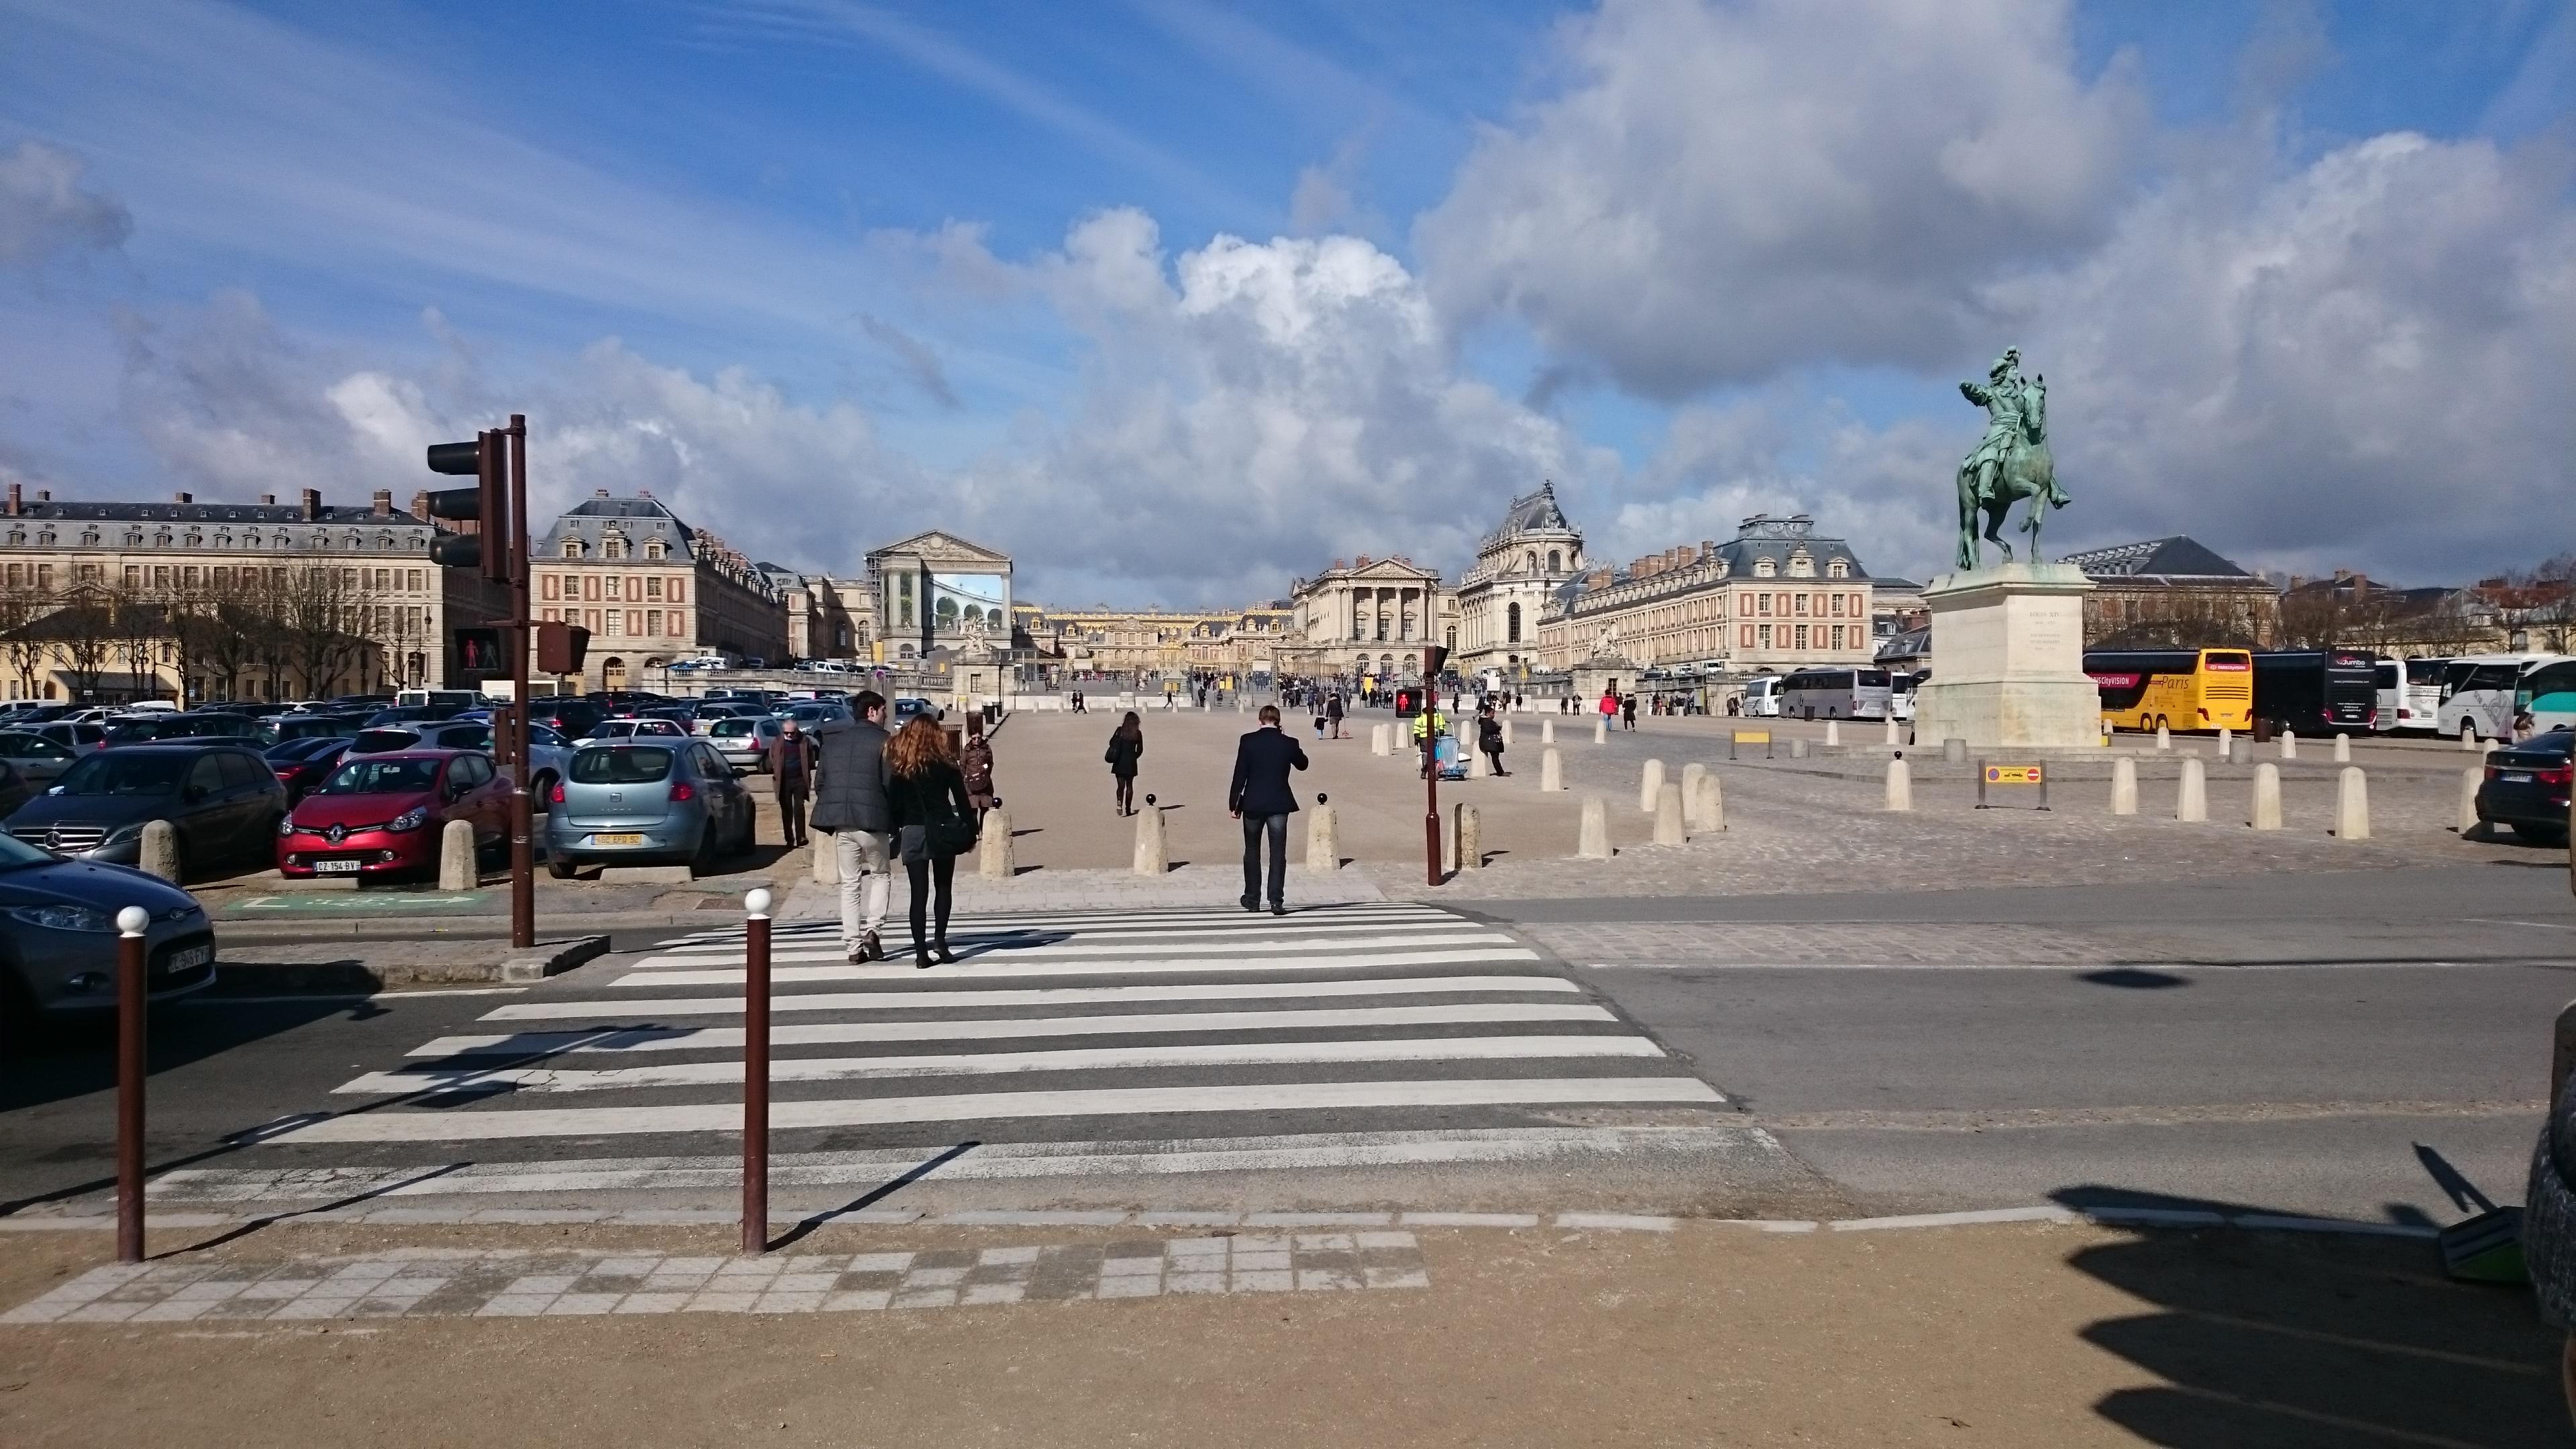 dsc 1142 - Visita al Palacio de Versalles: Como ir, cuanto cuesta y tips I/III